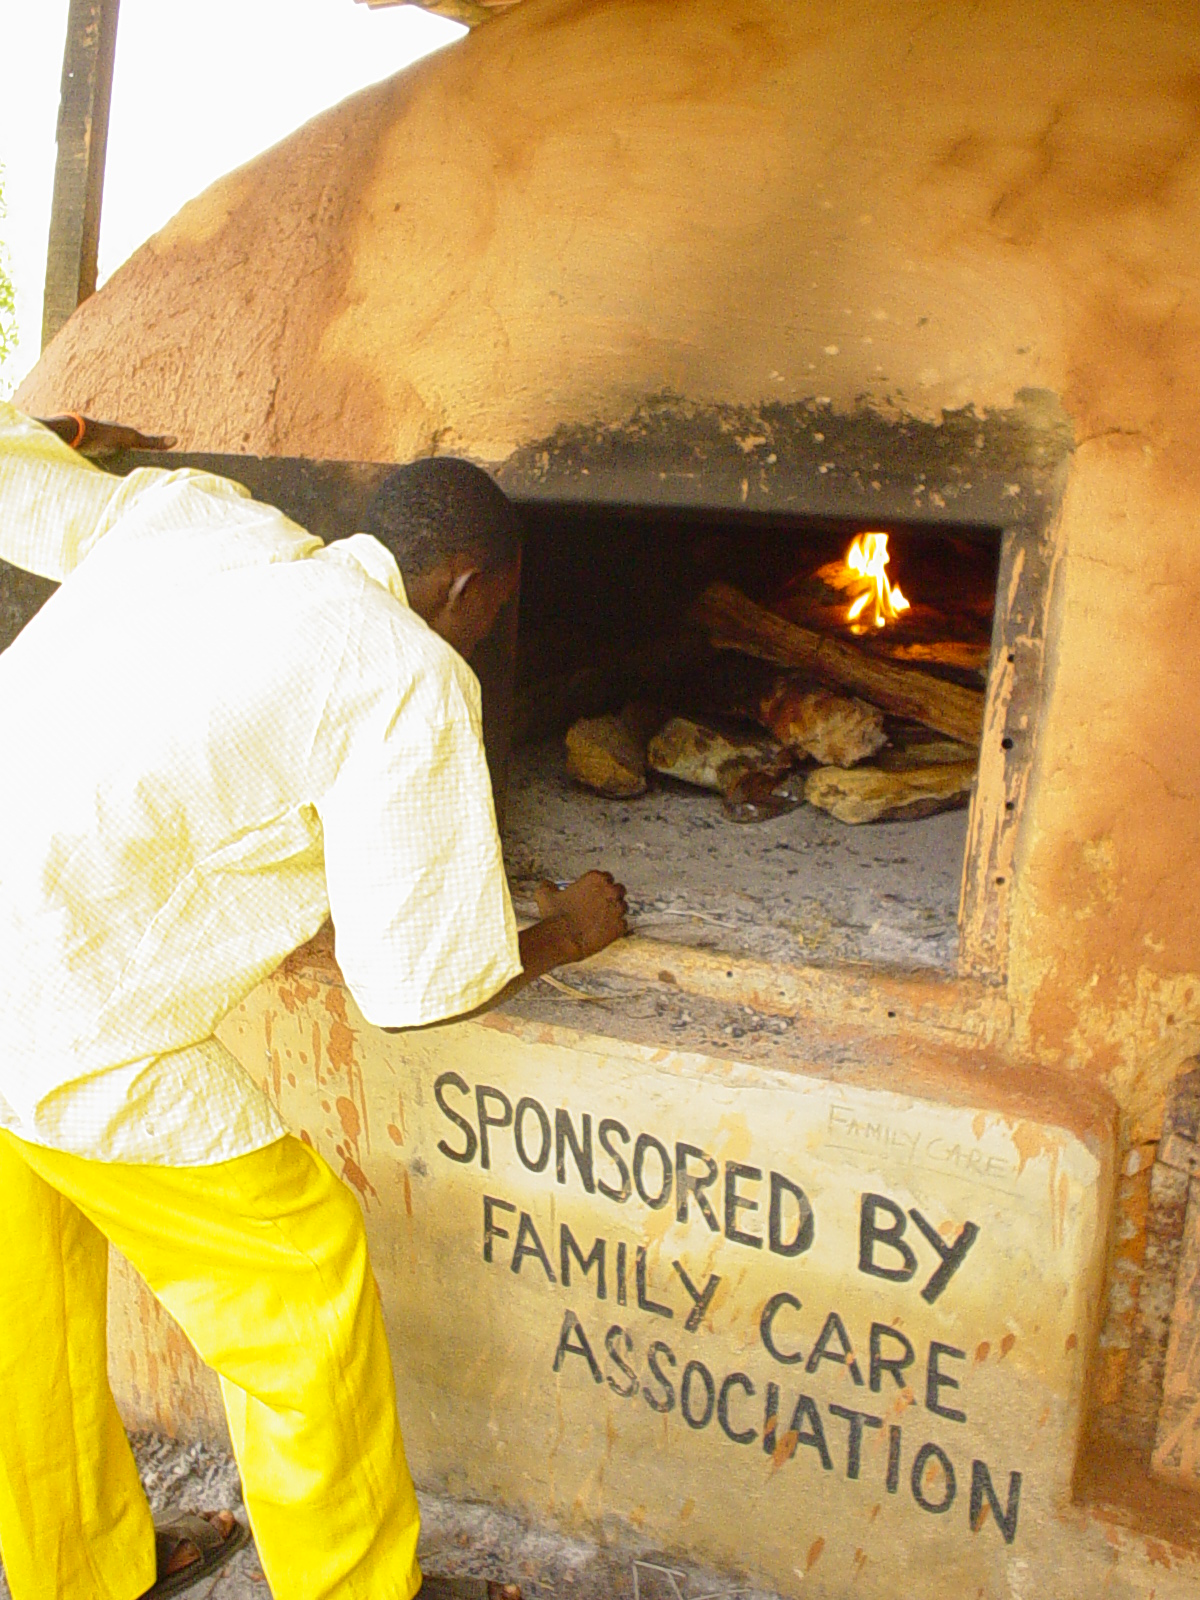 Family Care Nigeria